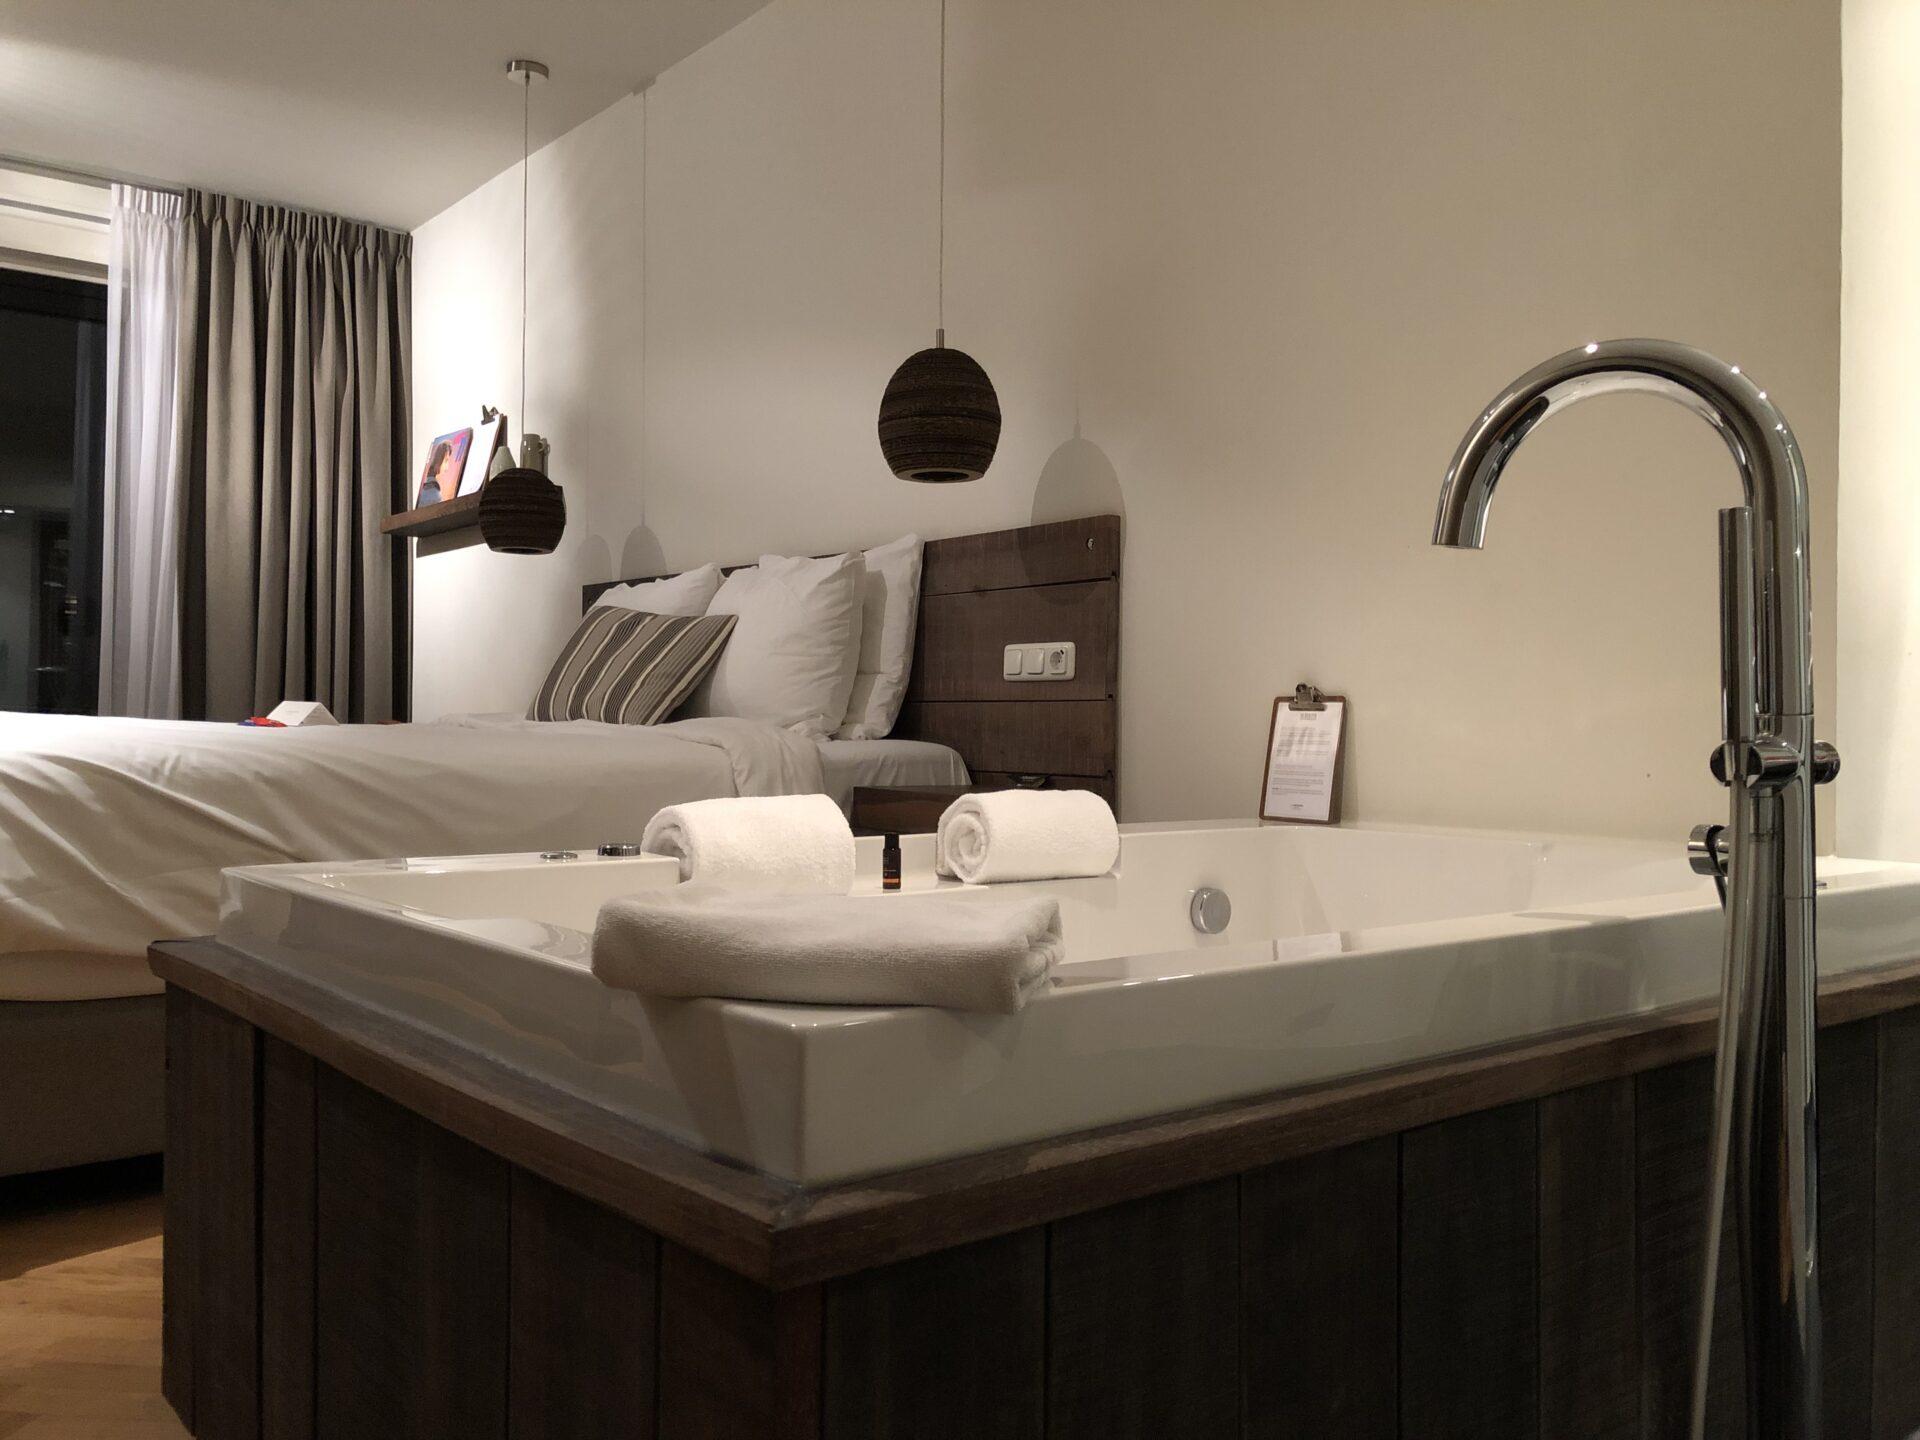 Hotel Van Heeckeren Ameland - Reisblog